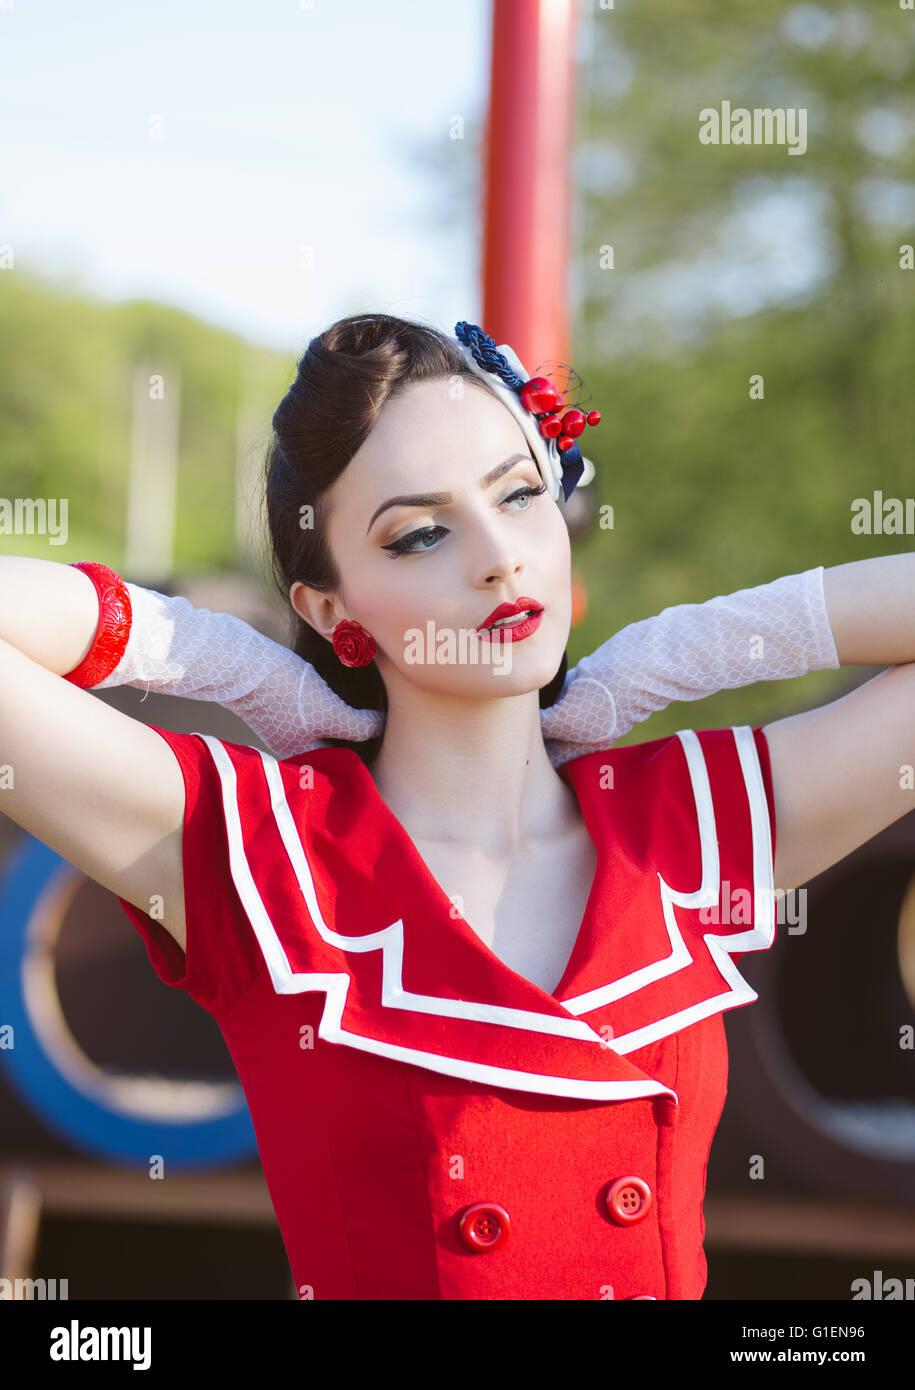 Porträt einer schönen Retro-Frau im roten Kleid Stockbild